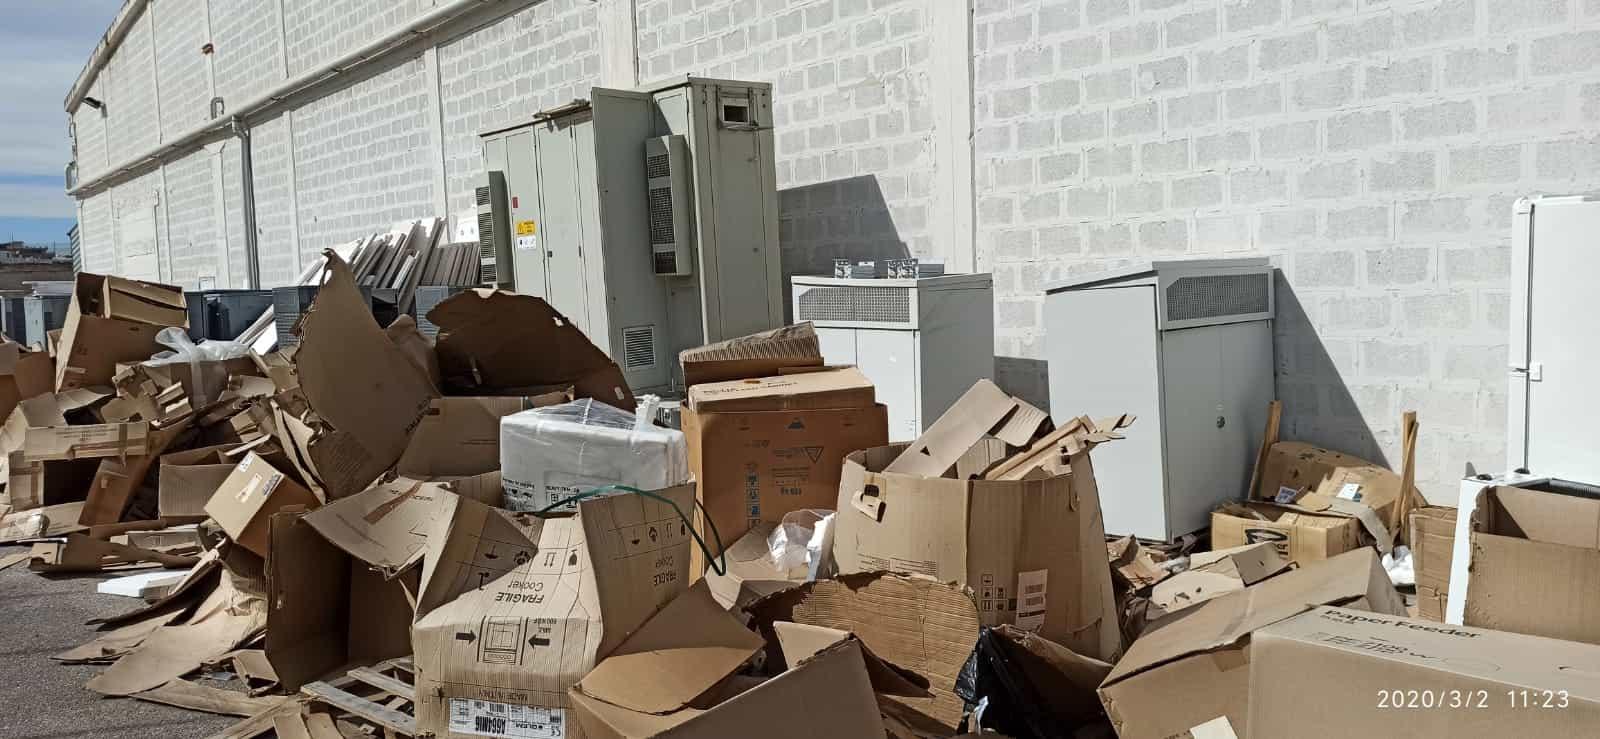 Aziende Monopoli Zona Industriale bari, sequestrata area rifiuti in zona industriale